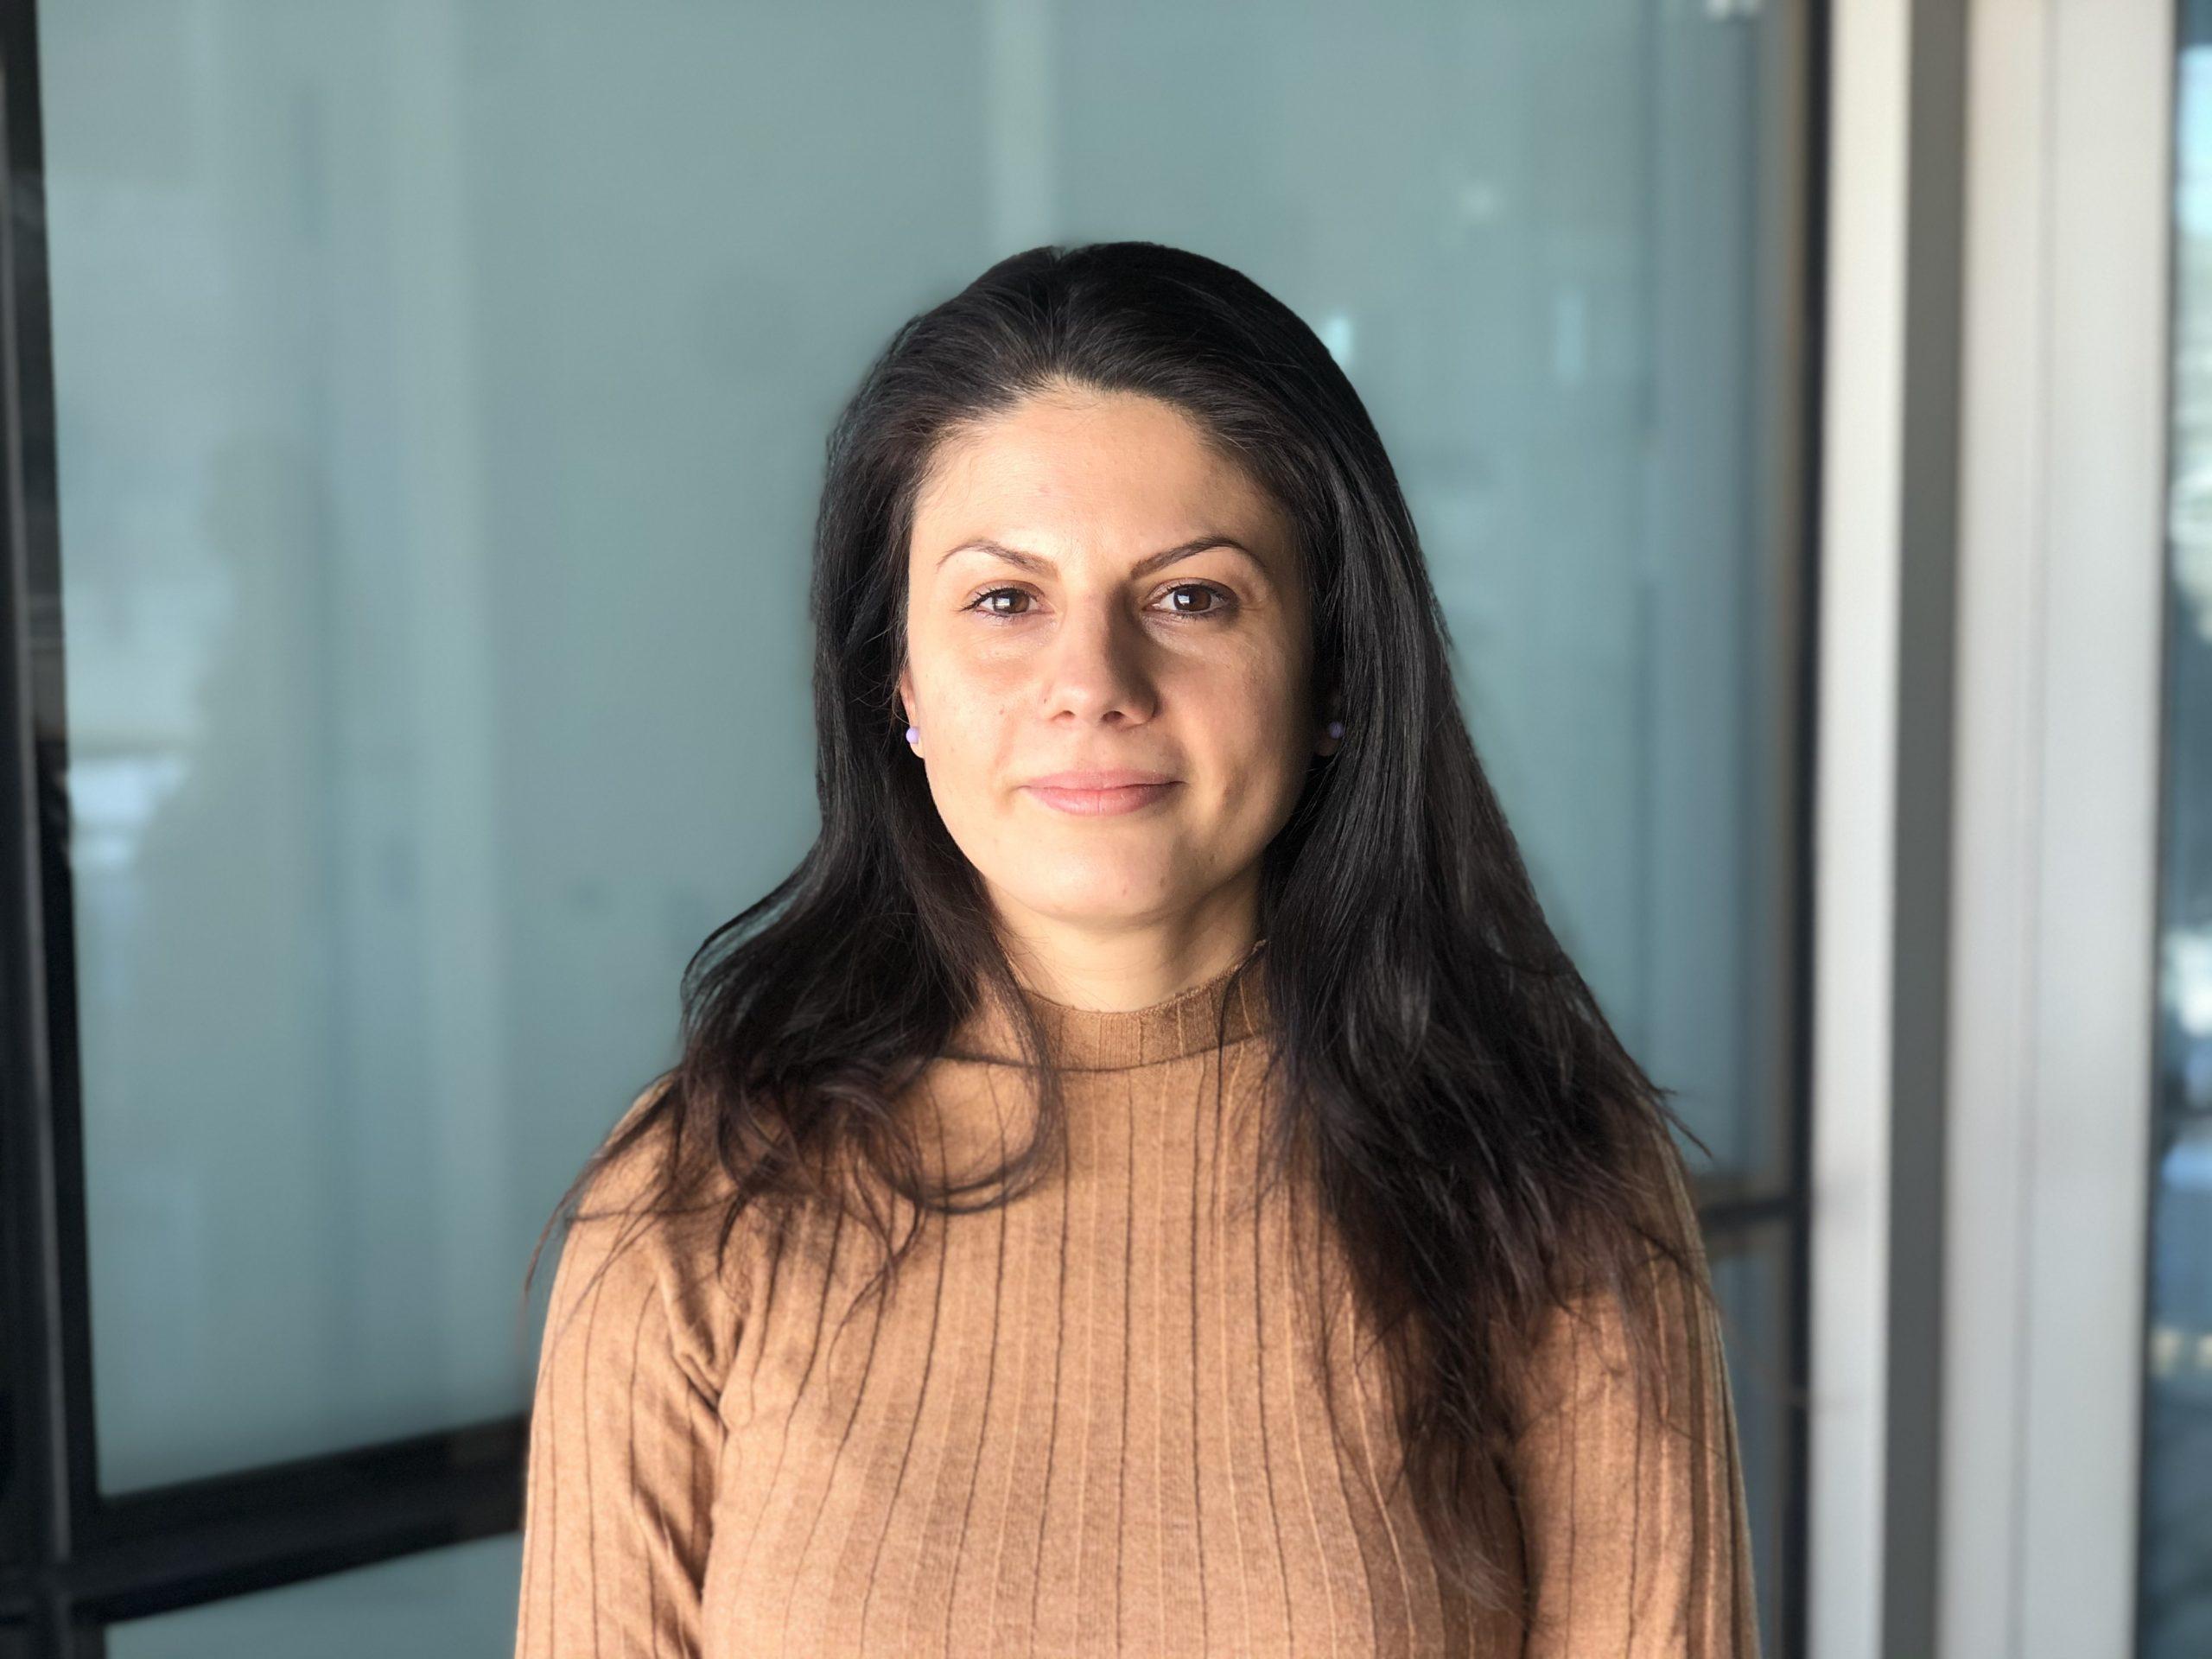 Gina Goanta